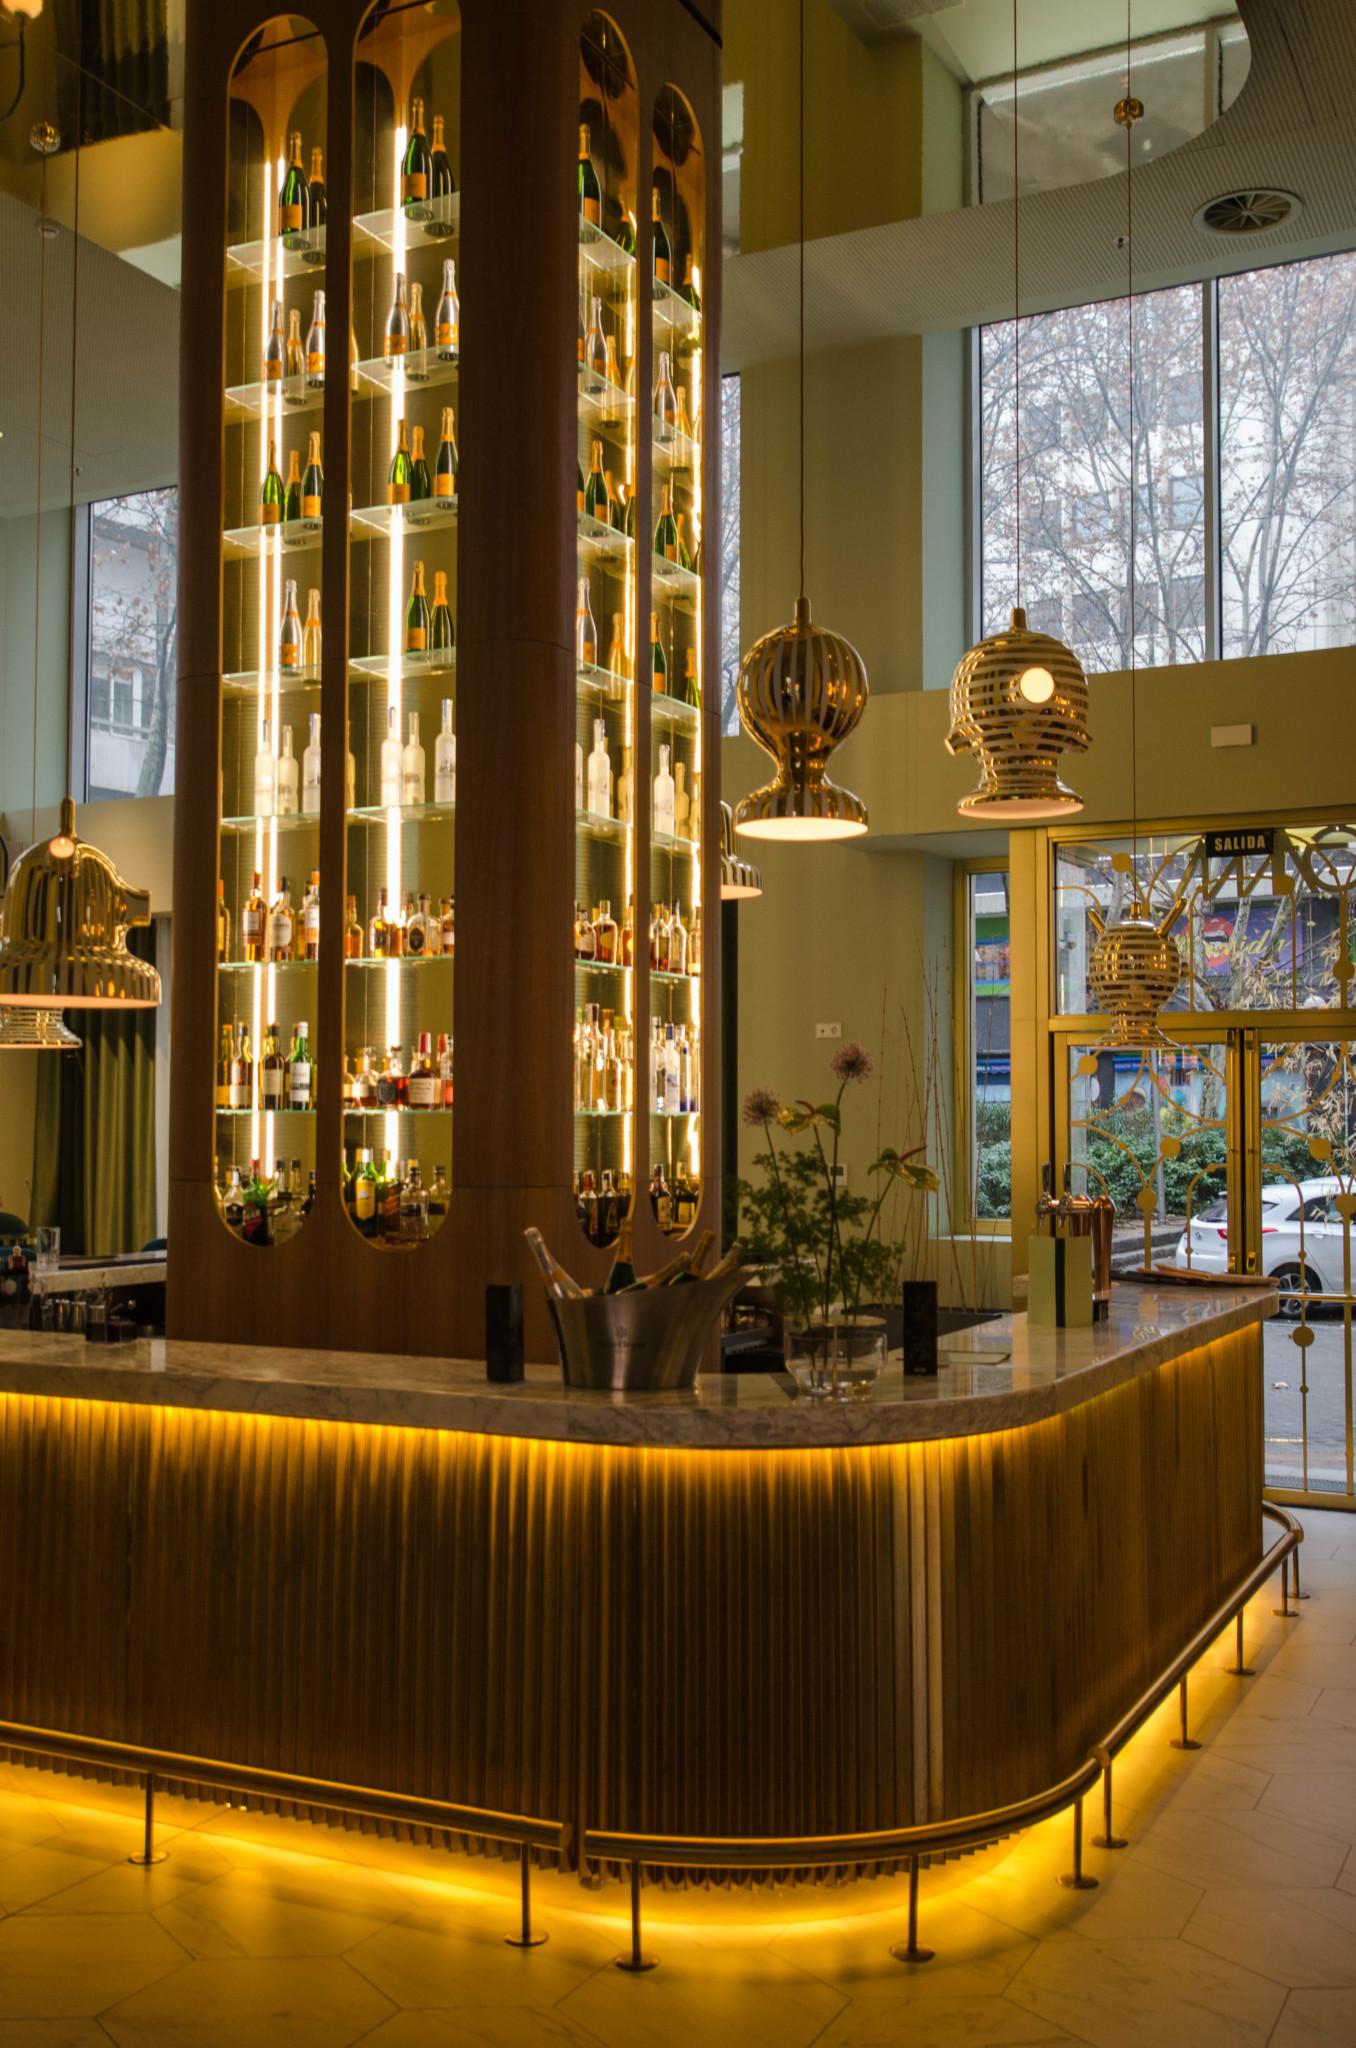 Bar im Barcelo Hotel Madrid